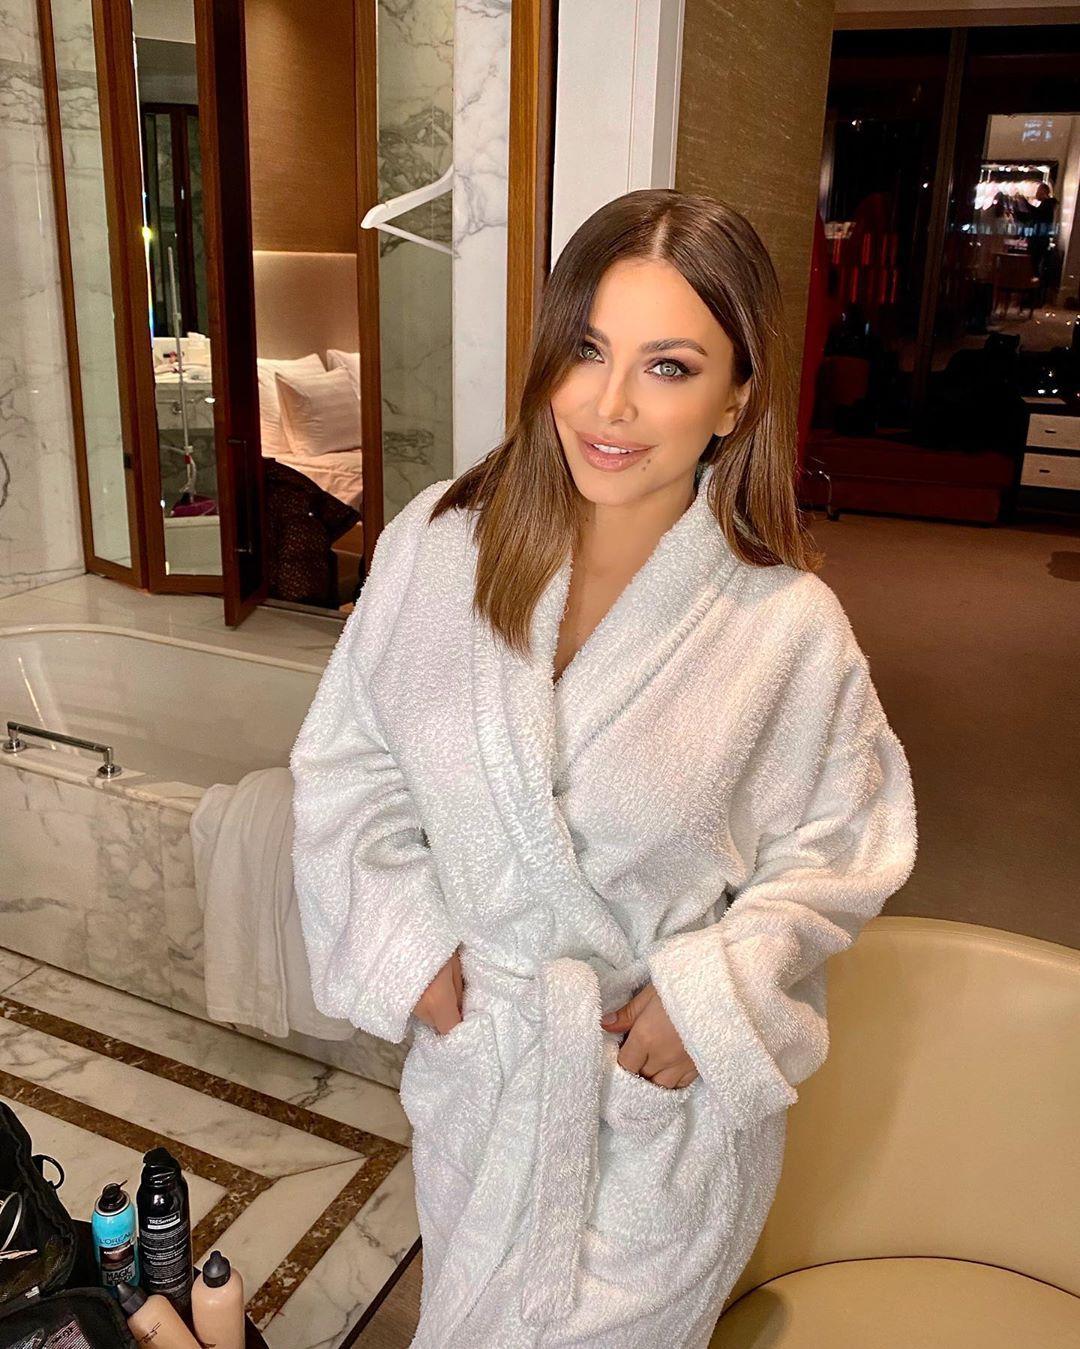 Ани Лорак не перестает удивлять своих поклонников изменениями во внешности / Instagram Ани Лорак